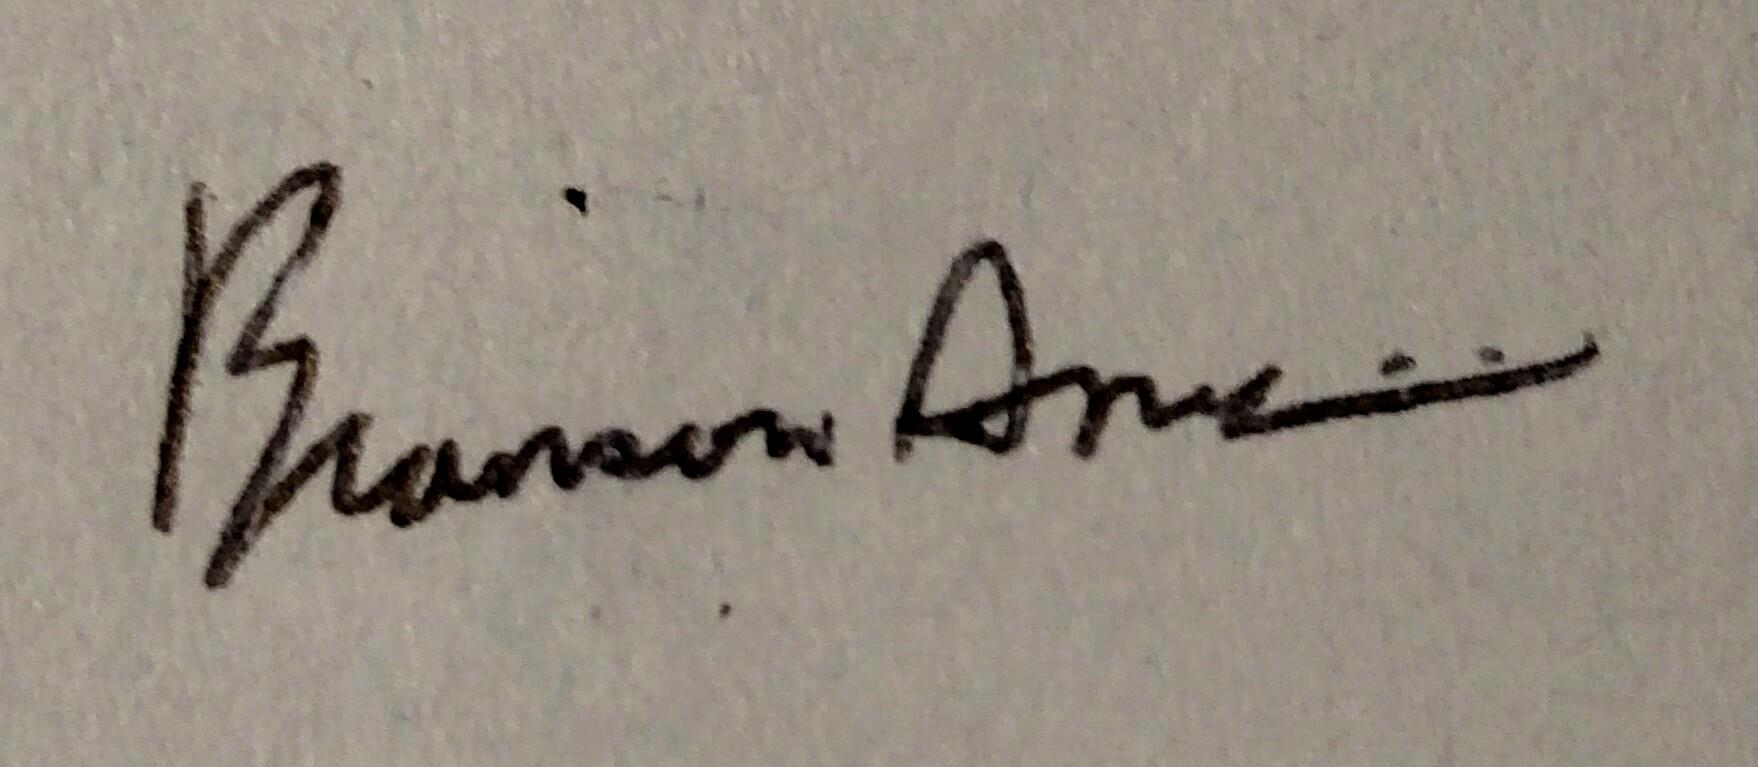 Branson Ames's Signature